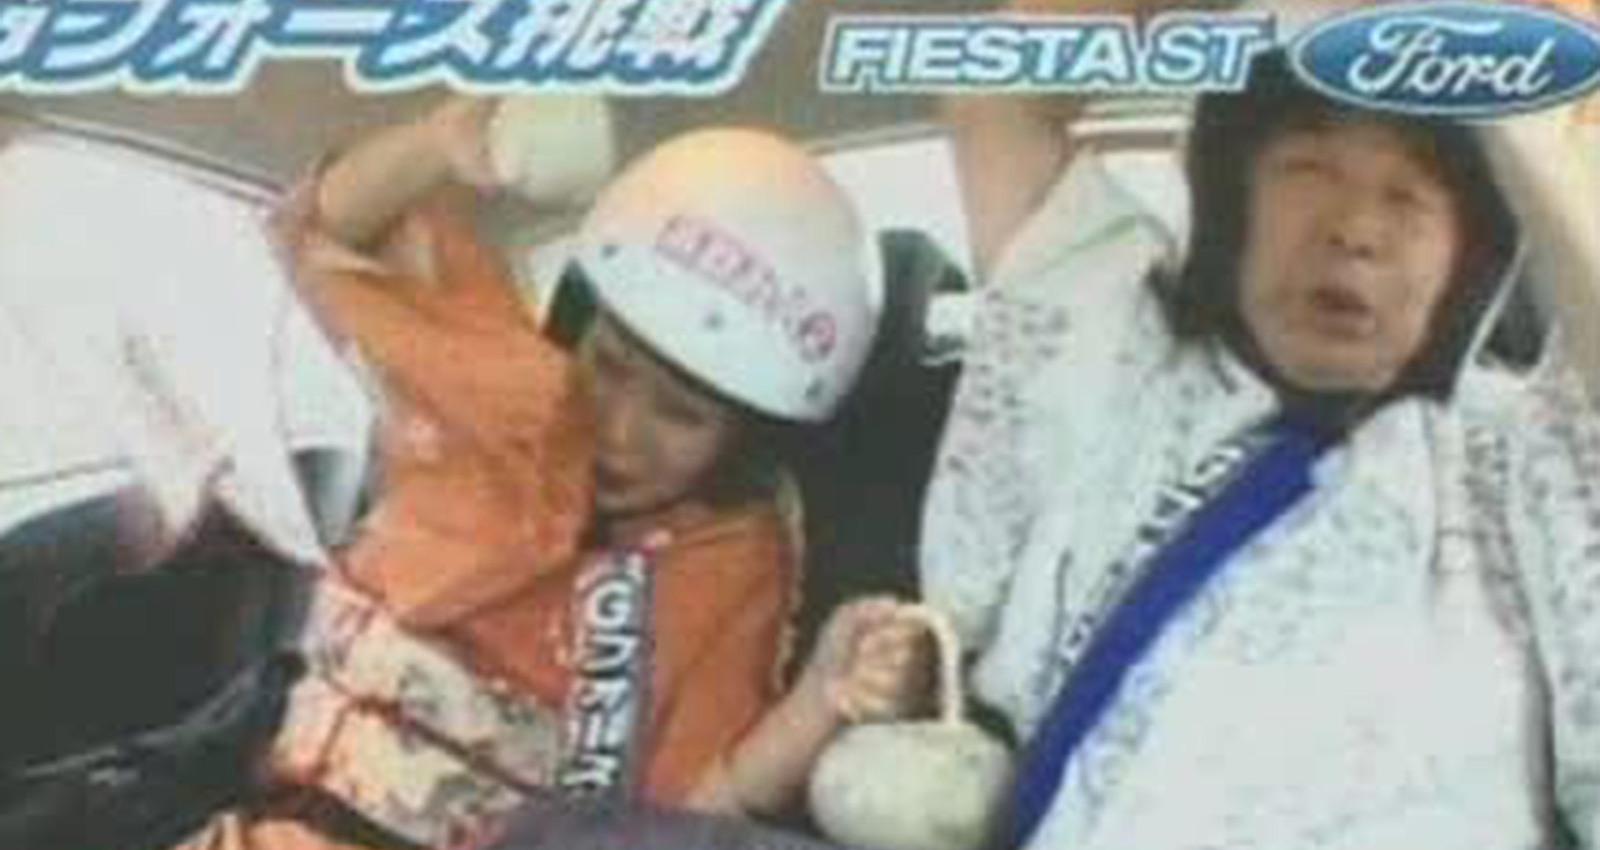 Fiesta Virals